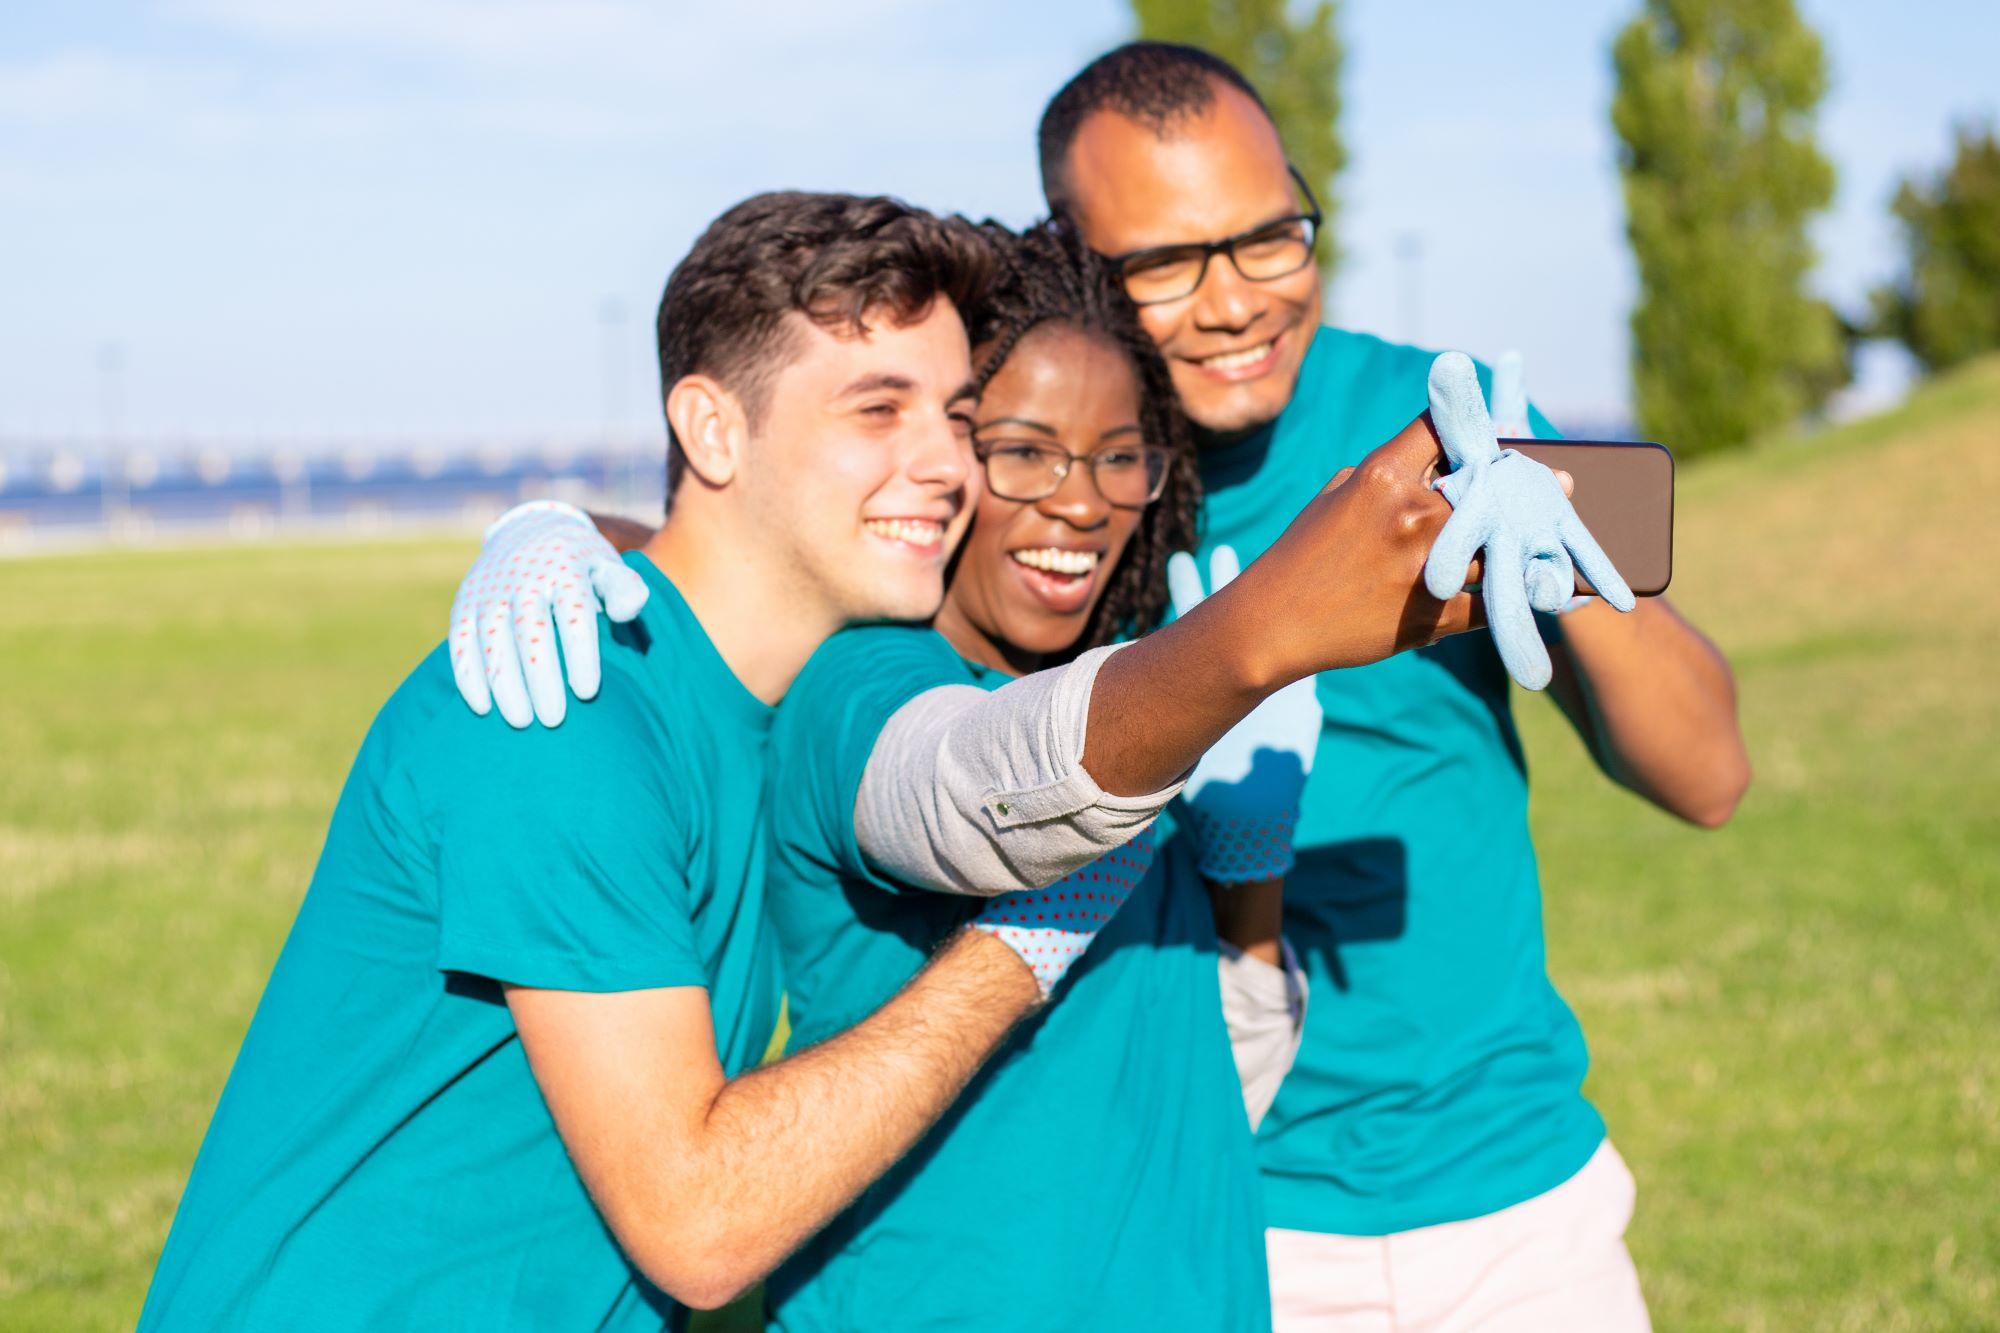 three volunteers taking a selfie outside